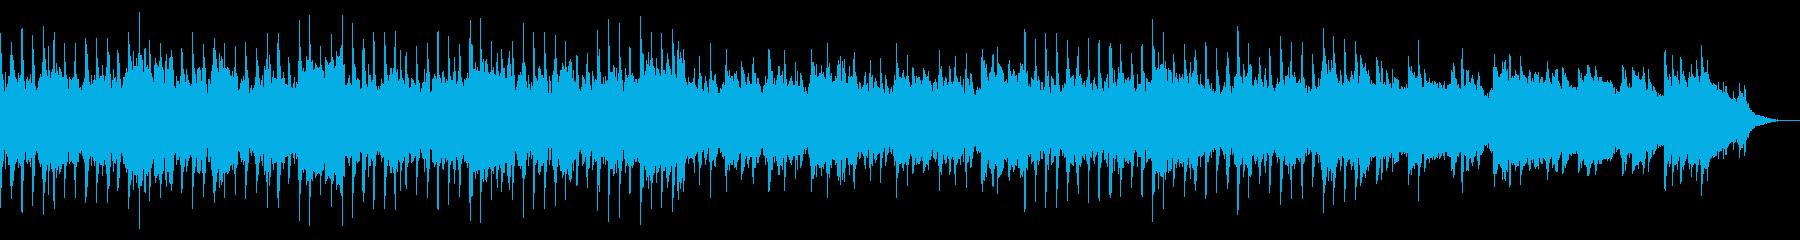 モダン テクノ 代替案 ポップ ア...の再生済みの波形